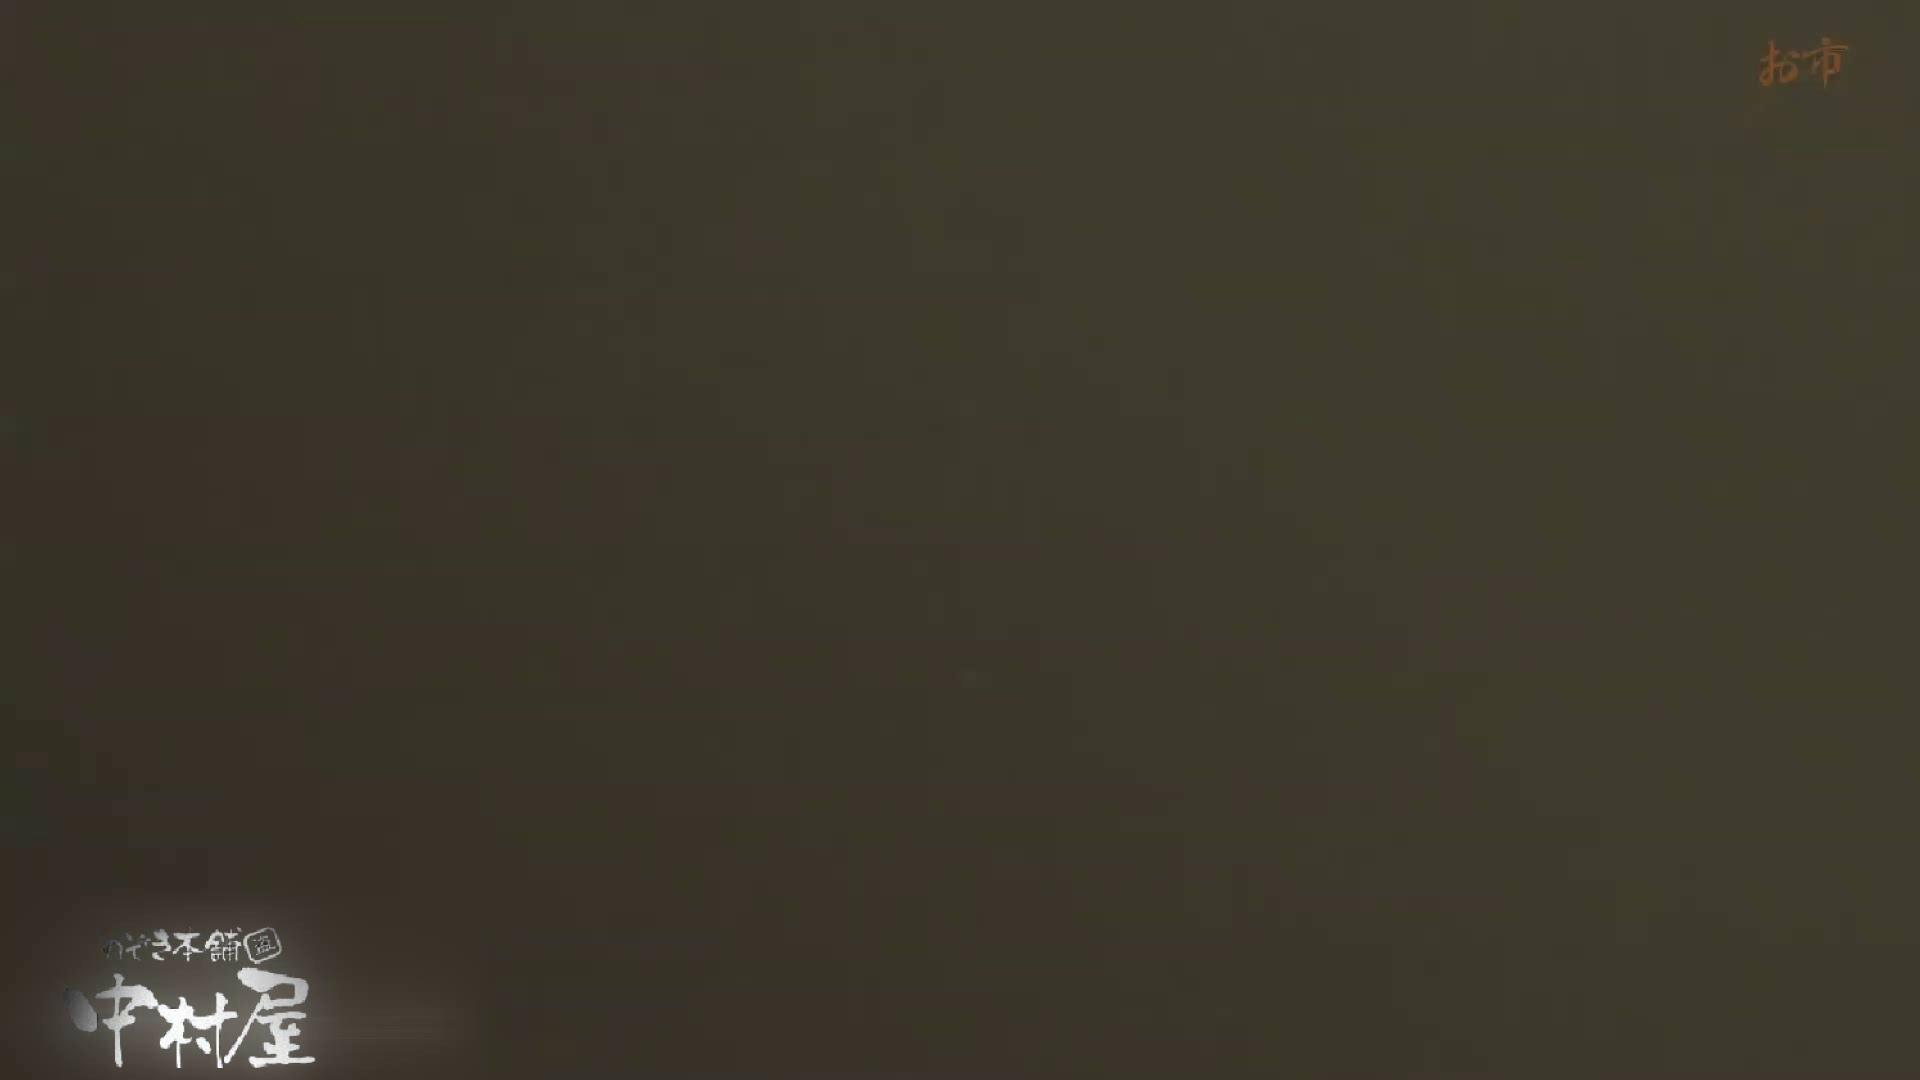 お市さんの「お尻丸出しジャンボリー」No.17 黒人 ワレメ無修正動画無料 28連発 7